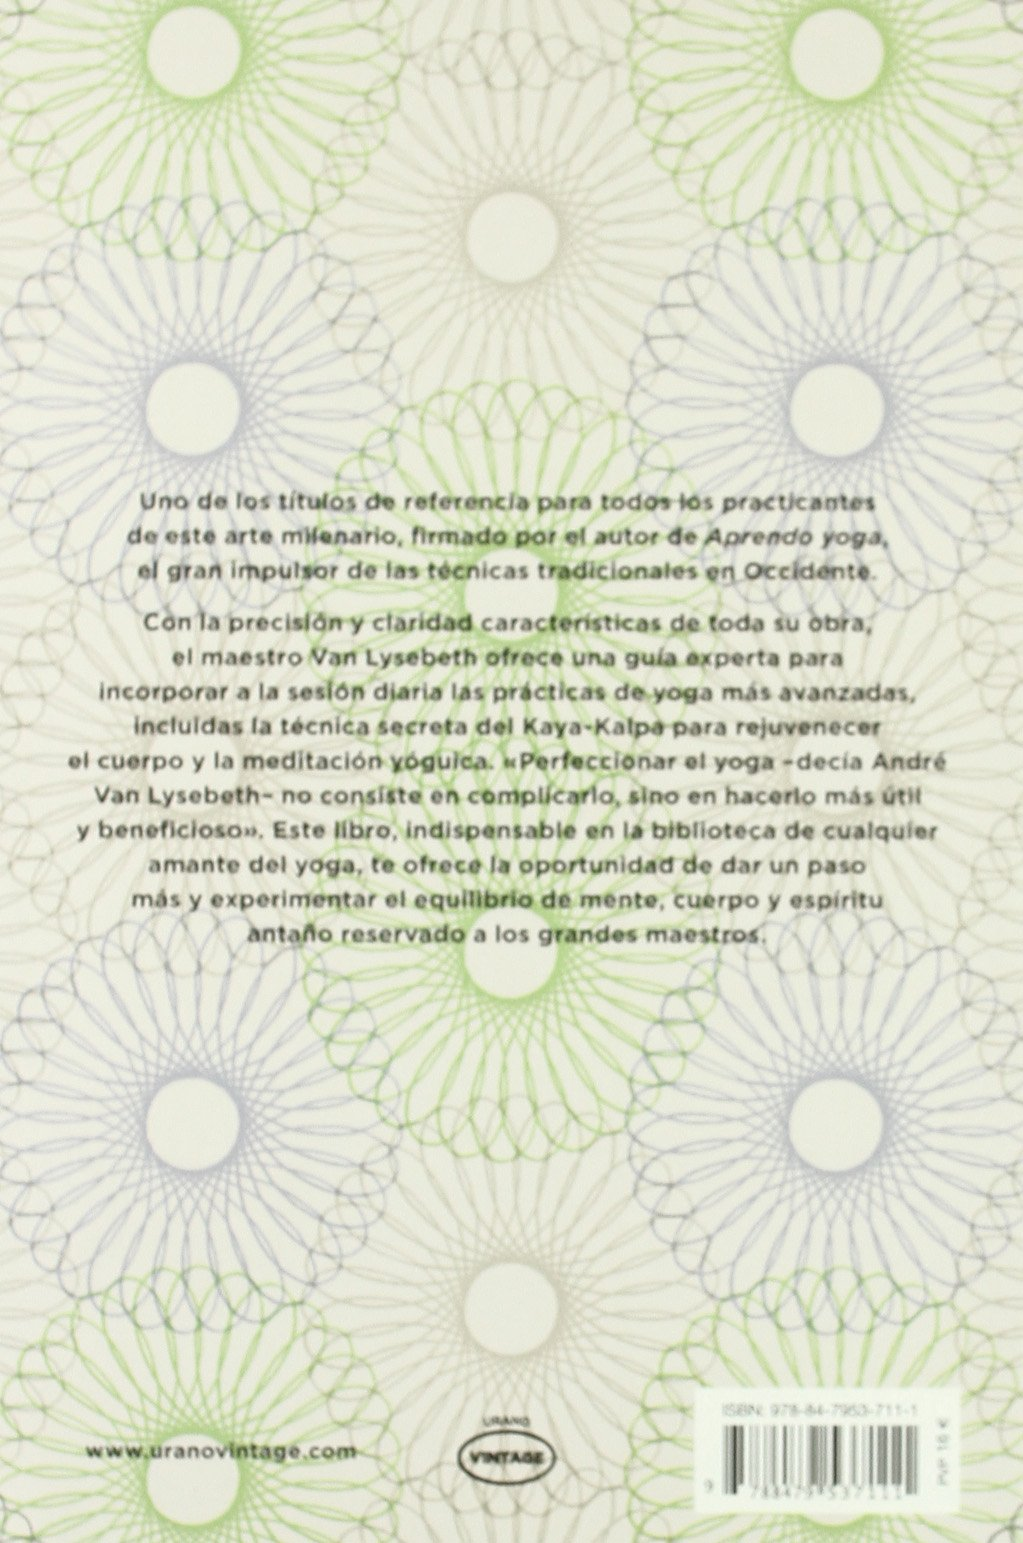 Perfecciono mi yoga (Vintage): Amazon.es: André Van Lysebeth ...